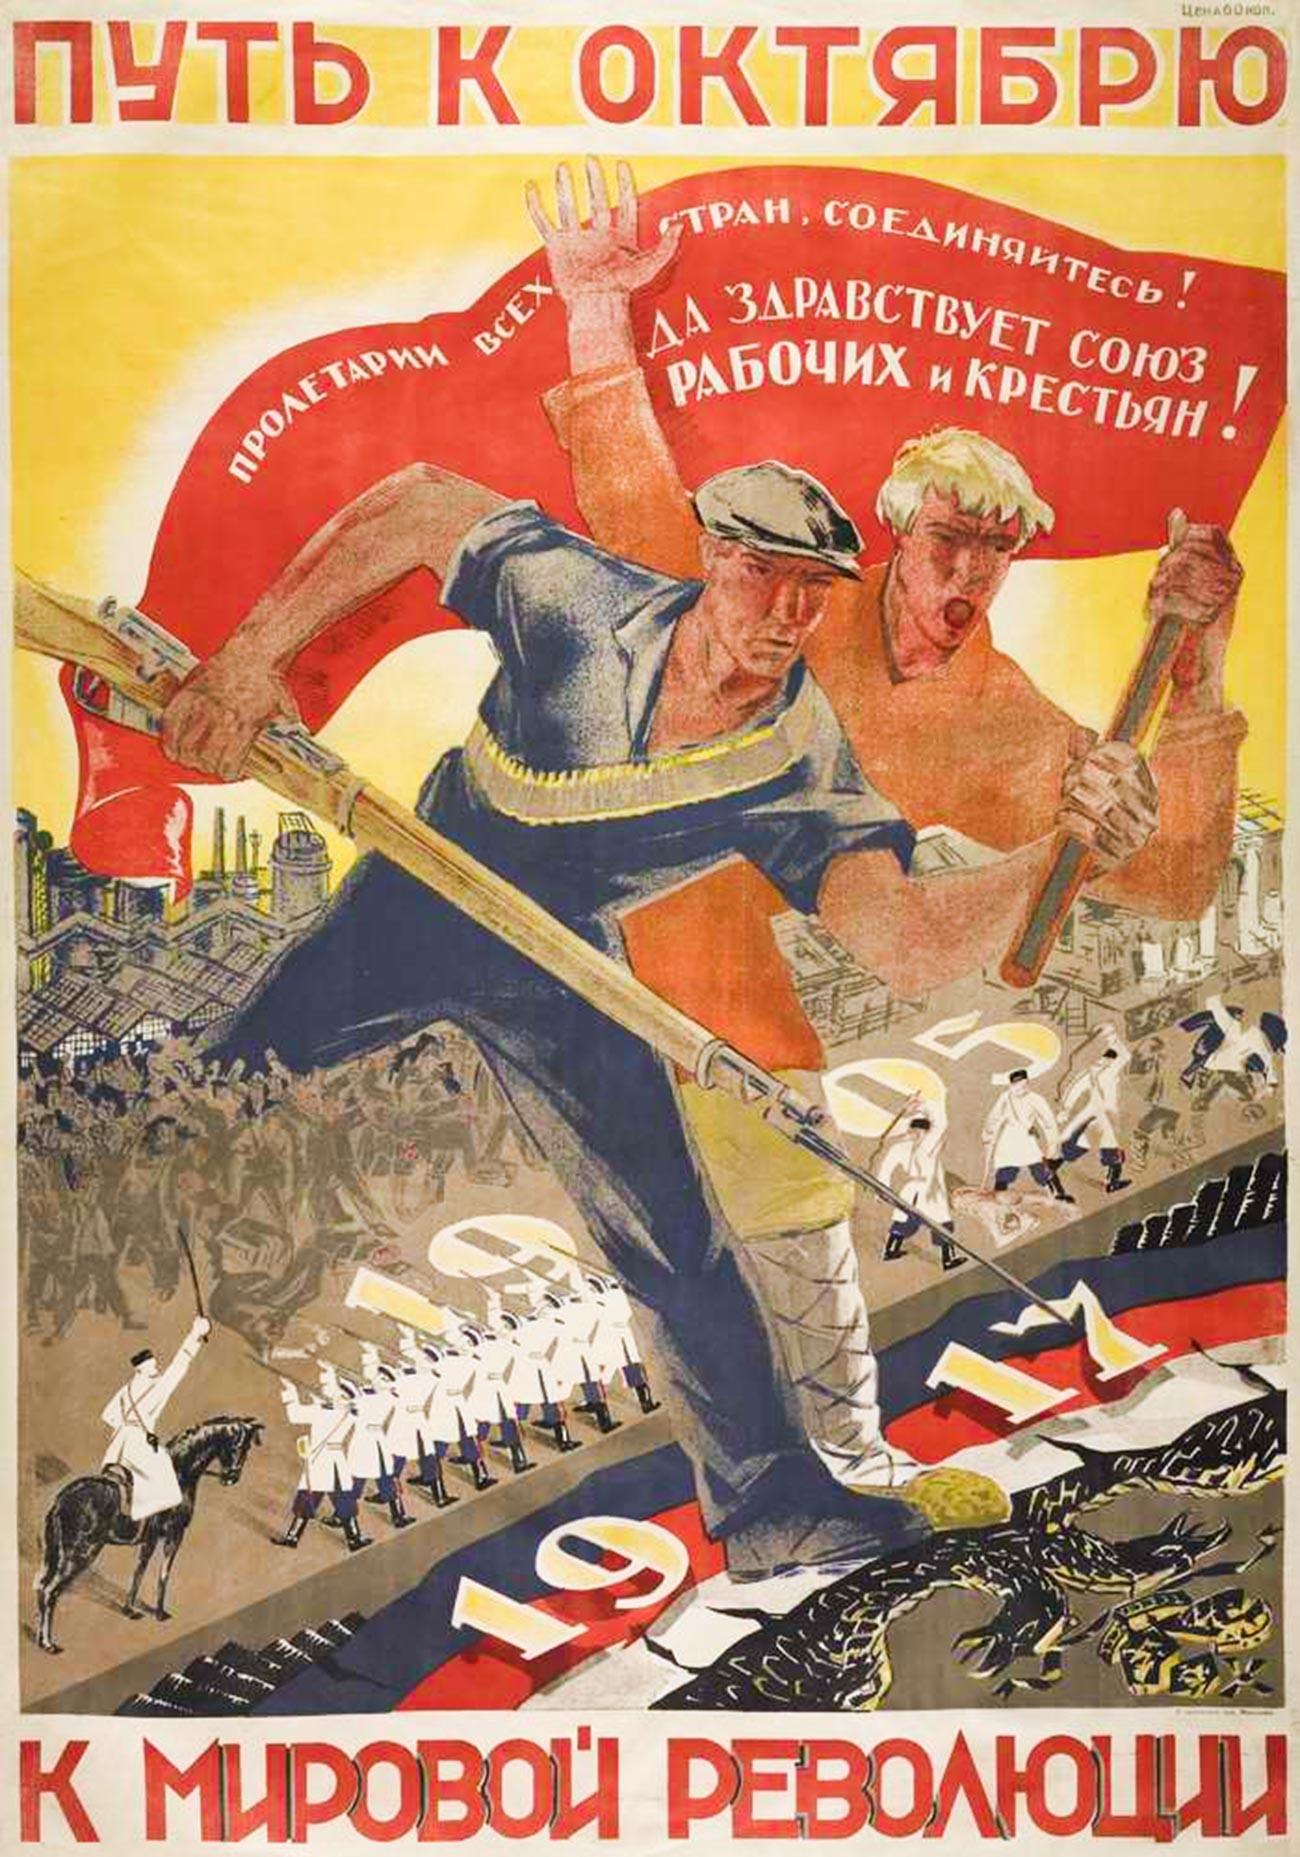 10月への道。万国のプロレタリア団結せよ!労働者と農民の同盟、万歳!世界革命に向けて。